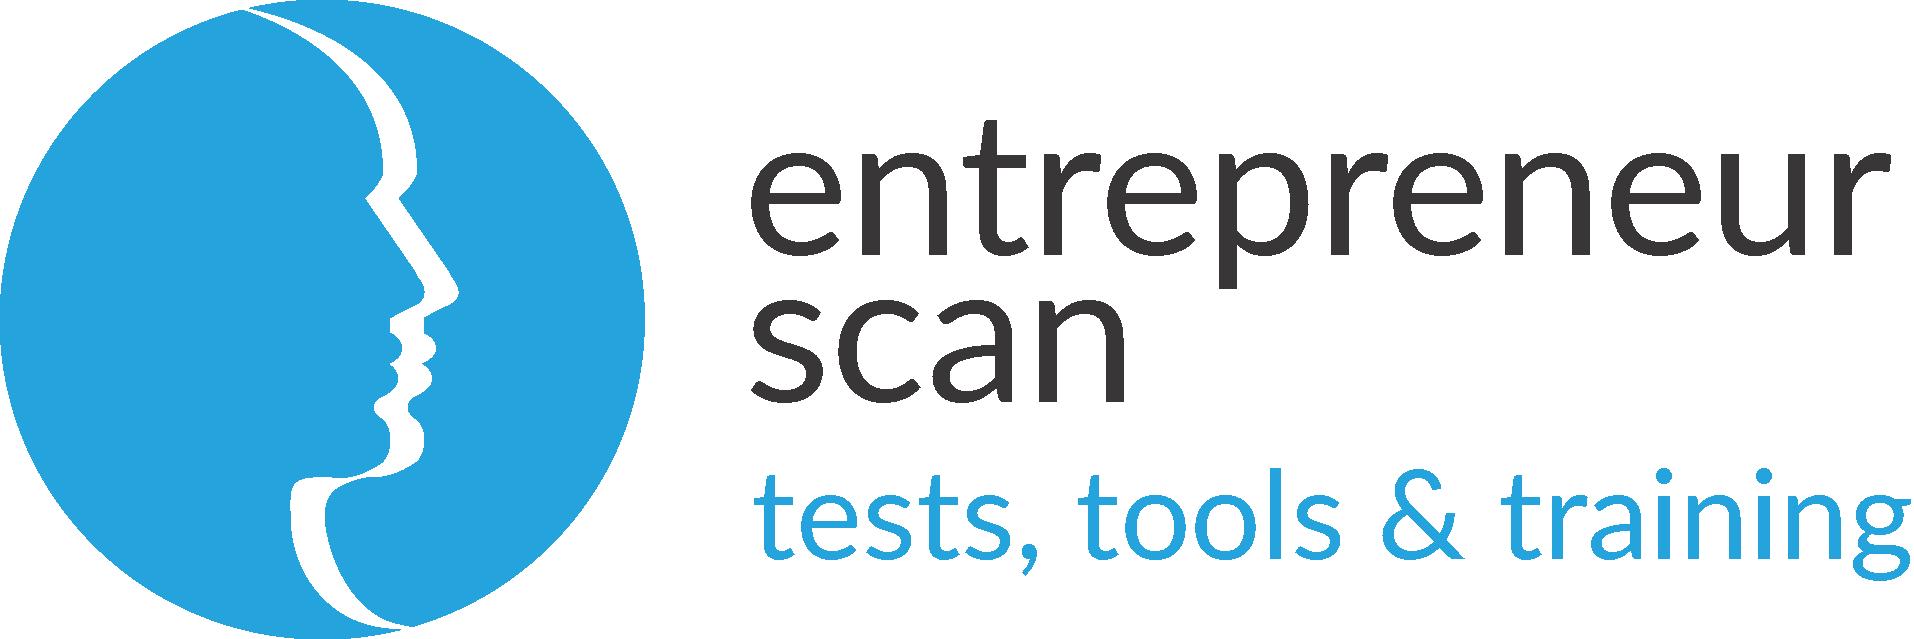 entrepreneur scan develops entrepreneurship for more than 20 years